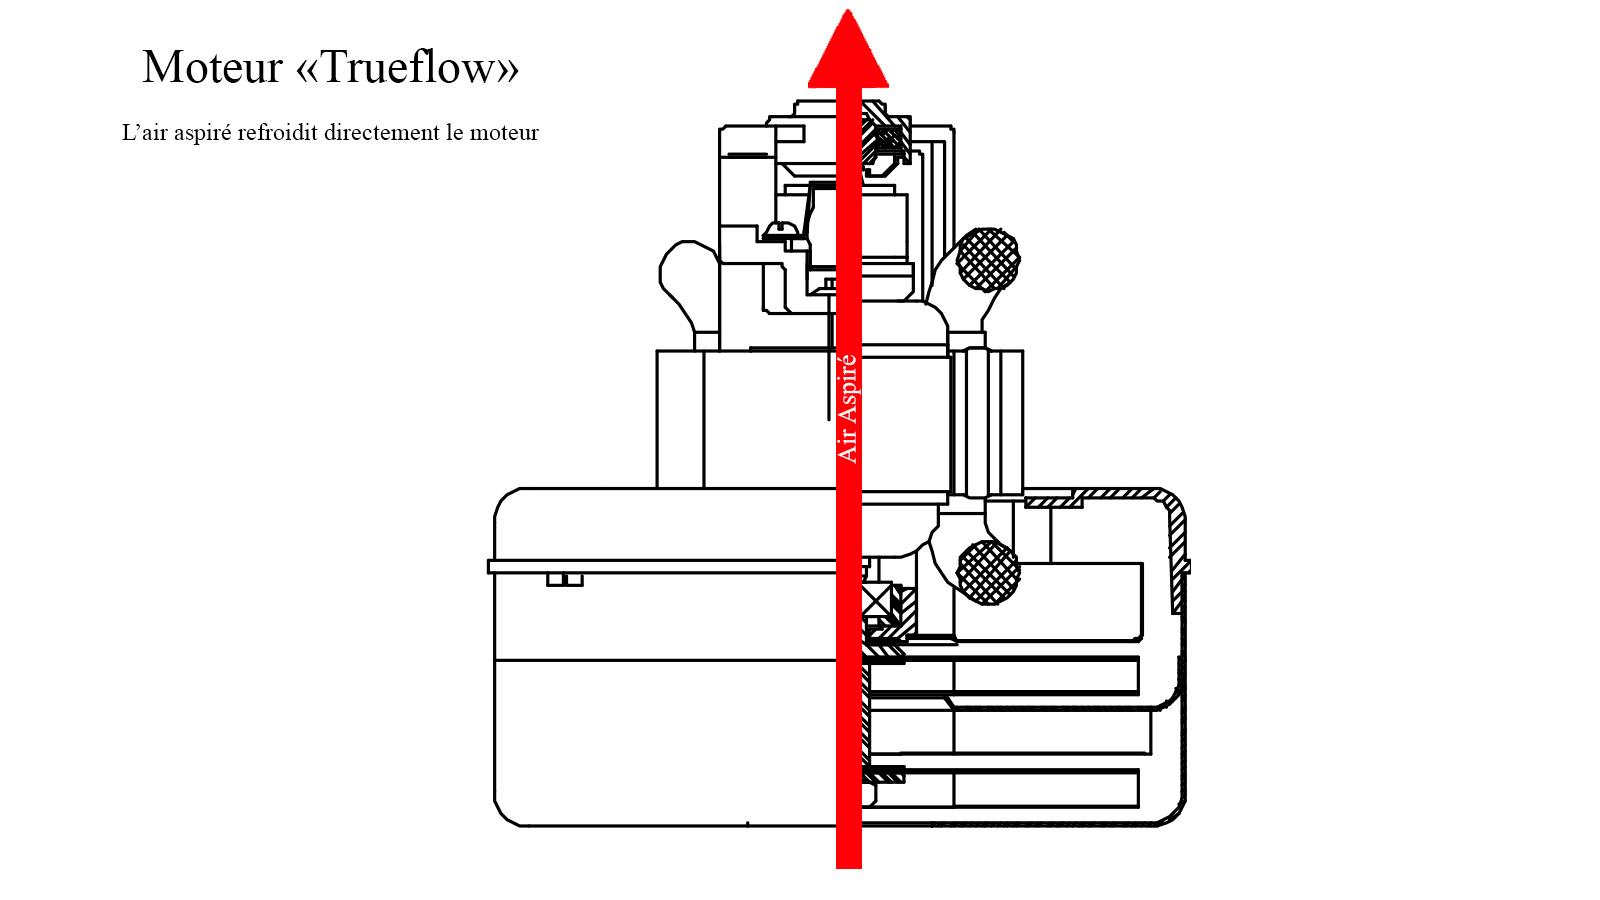 Schéma moteur trueflow